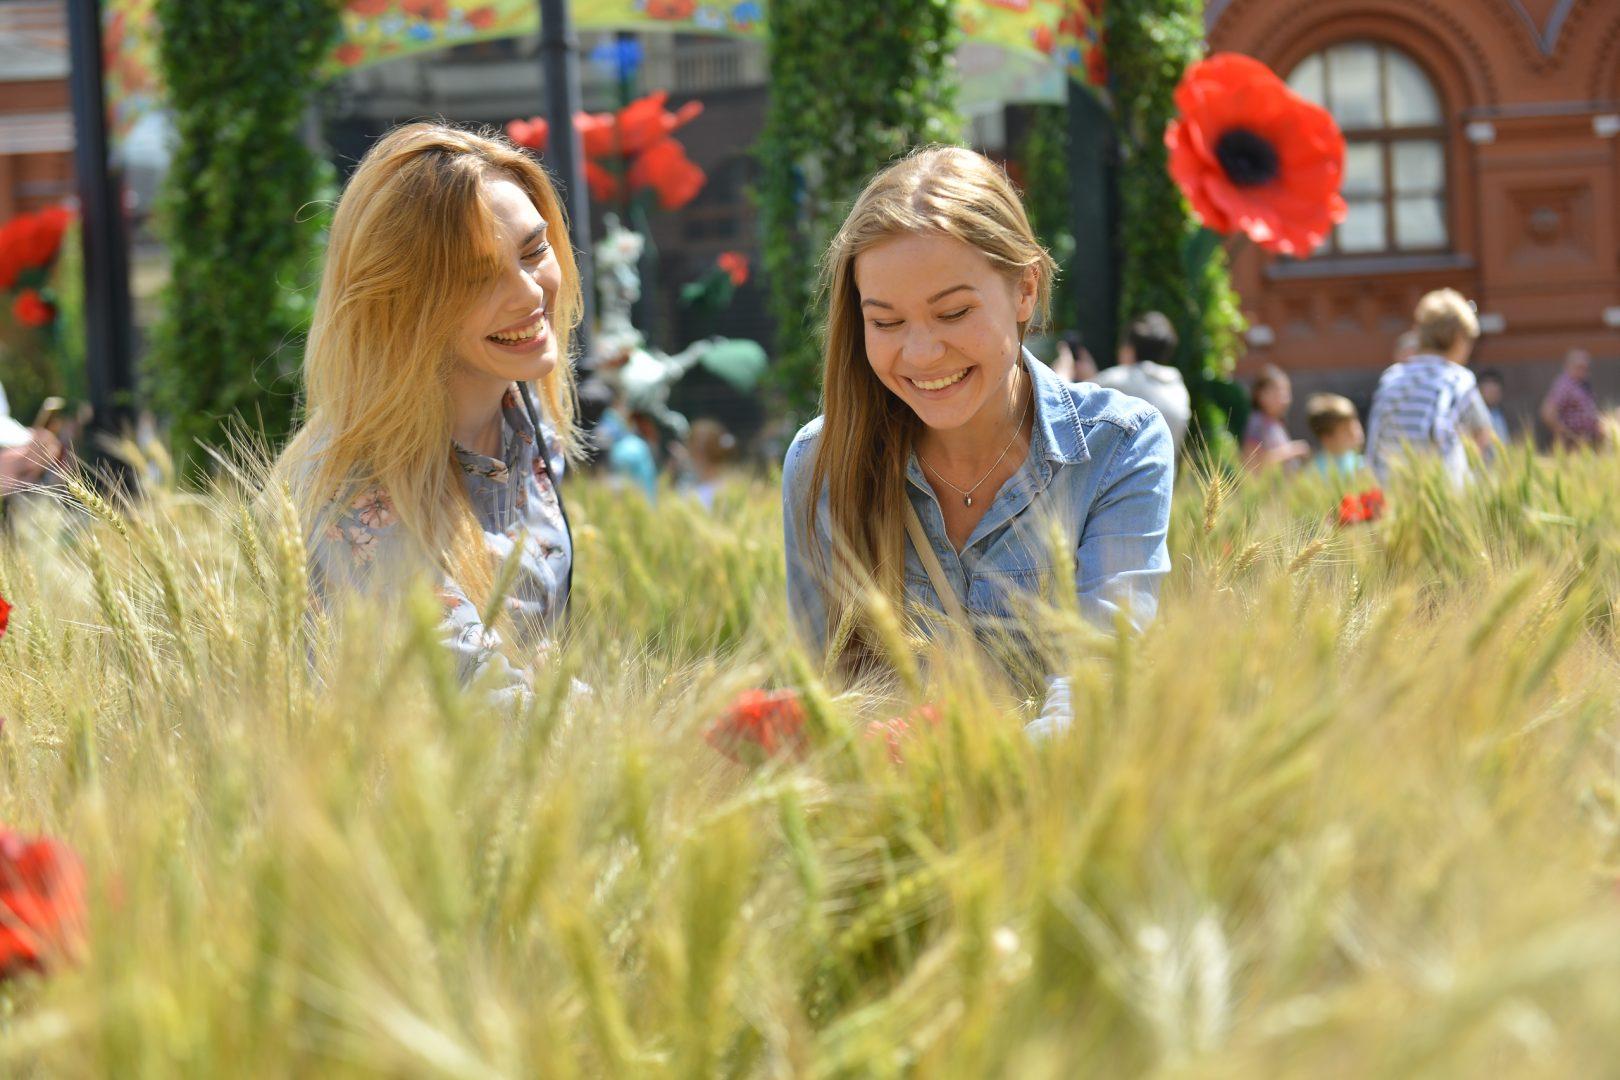 Жители столицы смогут оценить качество проведения фестиваля «Цветочный джем». Фото: архив, «Вечерняя Москва»